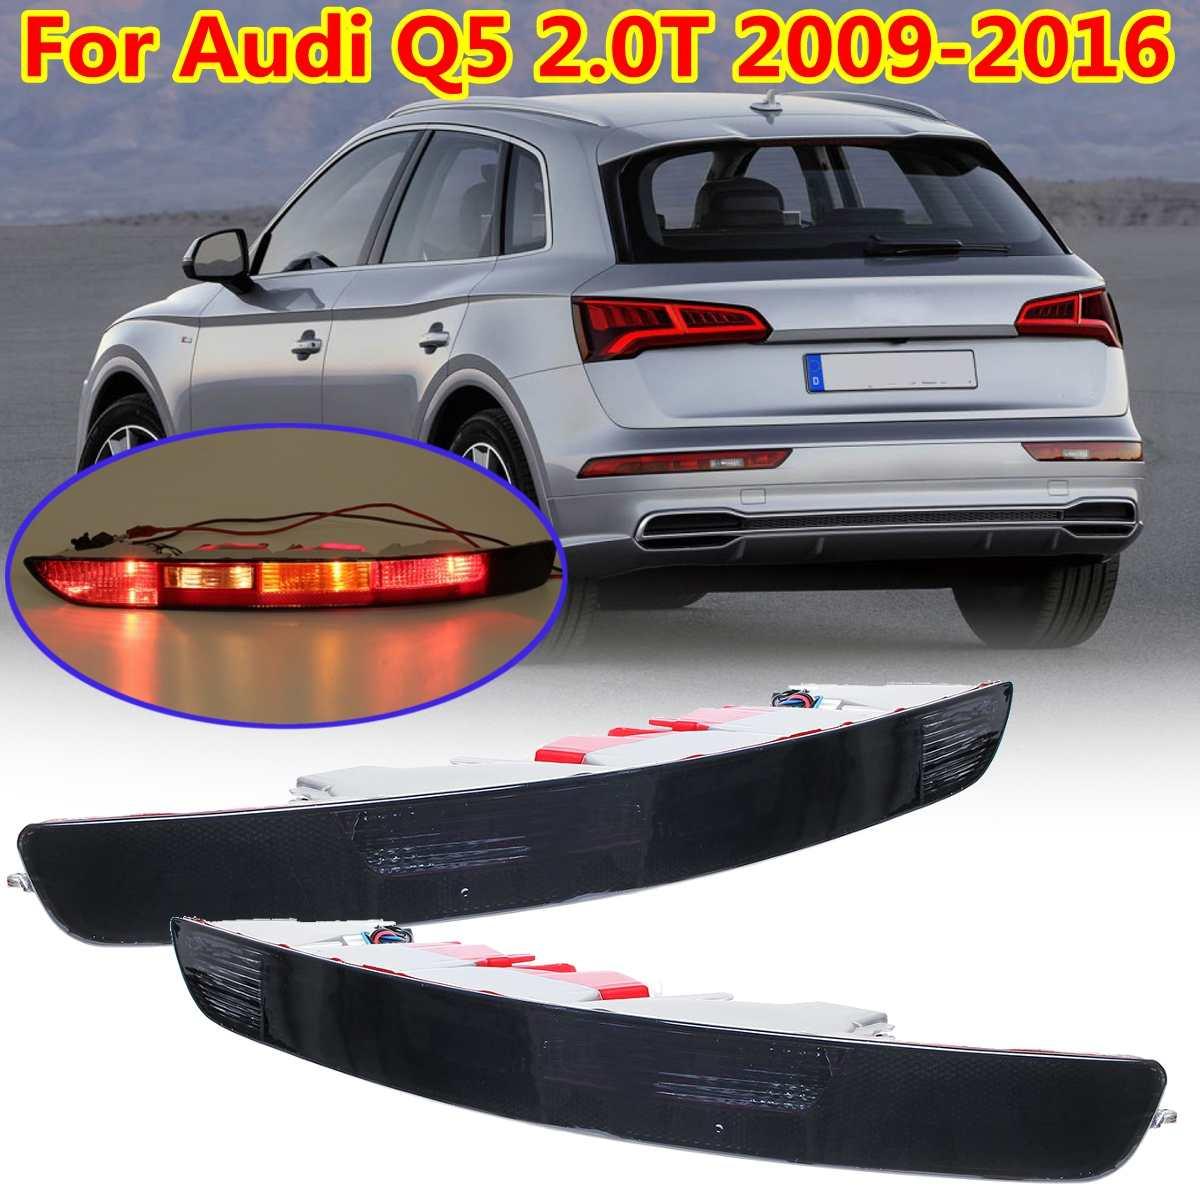 Rear Left Side Brake Parking Warning Fog Tail Light Lamp Bumper Cover For Audi Q5 2.0T 2009-16 8R0945096/8RD 945 096/8R0945096B